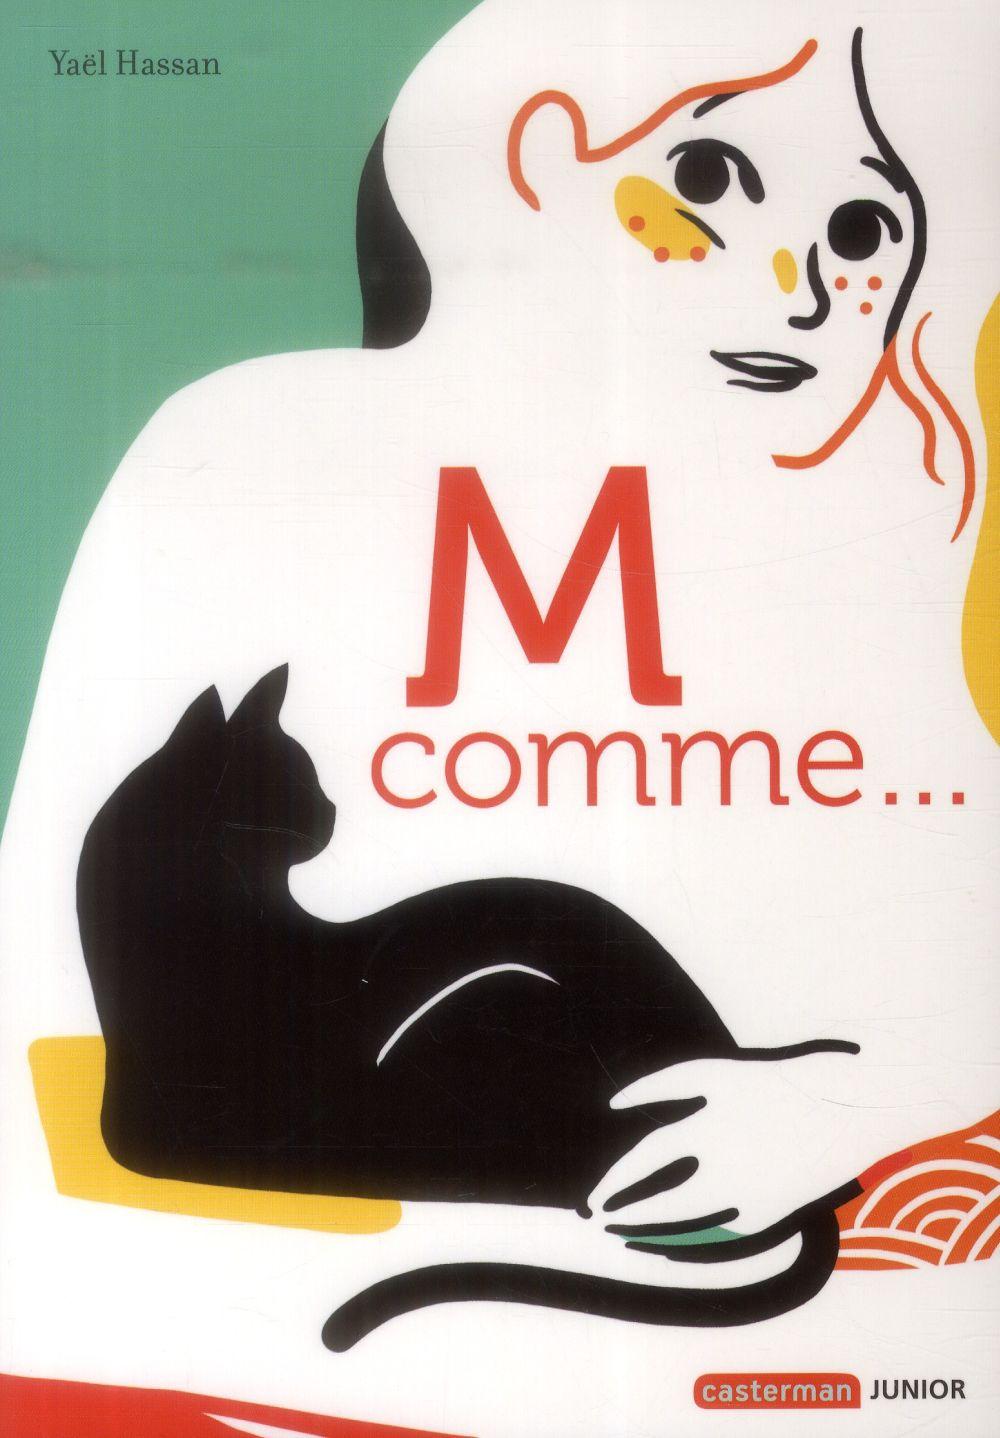 M COMME...